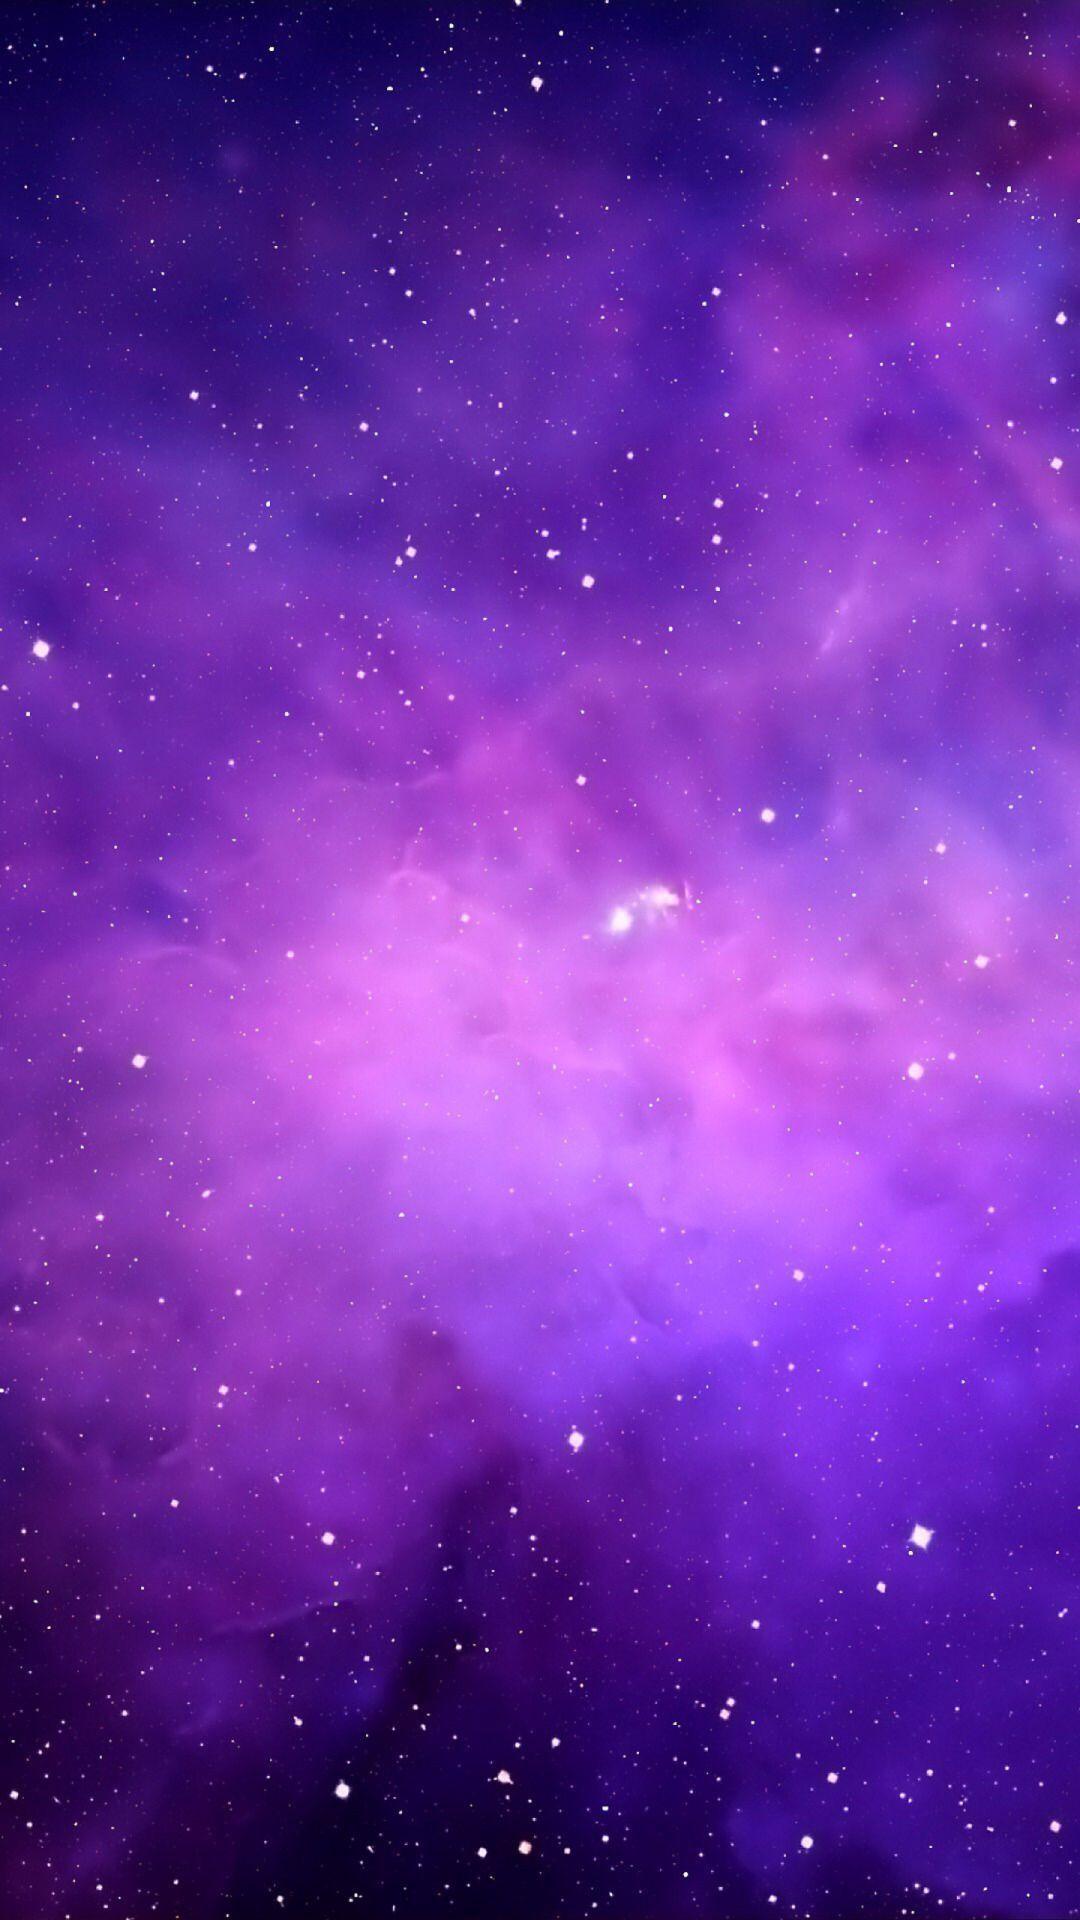 1080x1920 Pin By Danny Boy On Lockscreens Pinterest Wallpaper Purple Aesthetic Background Purple Aesthetic Purple Wallpaper